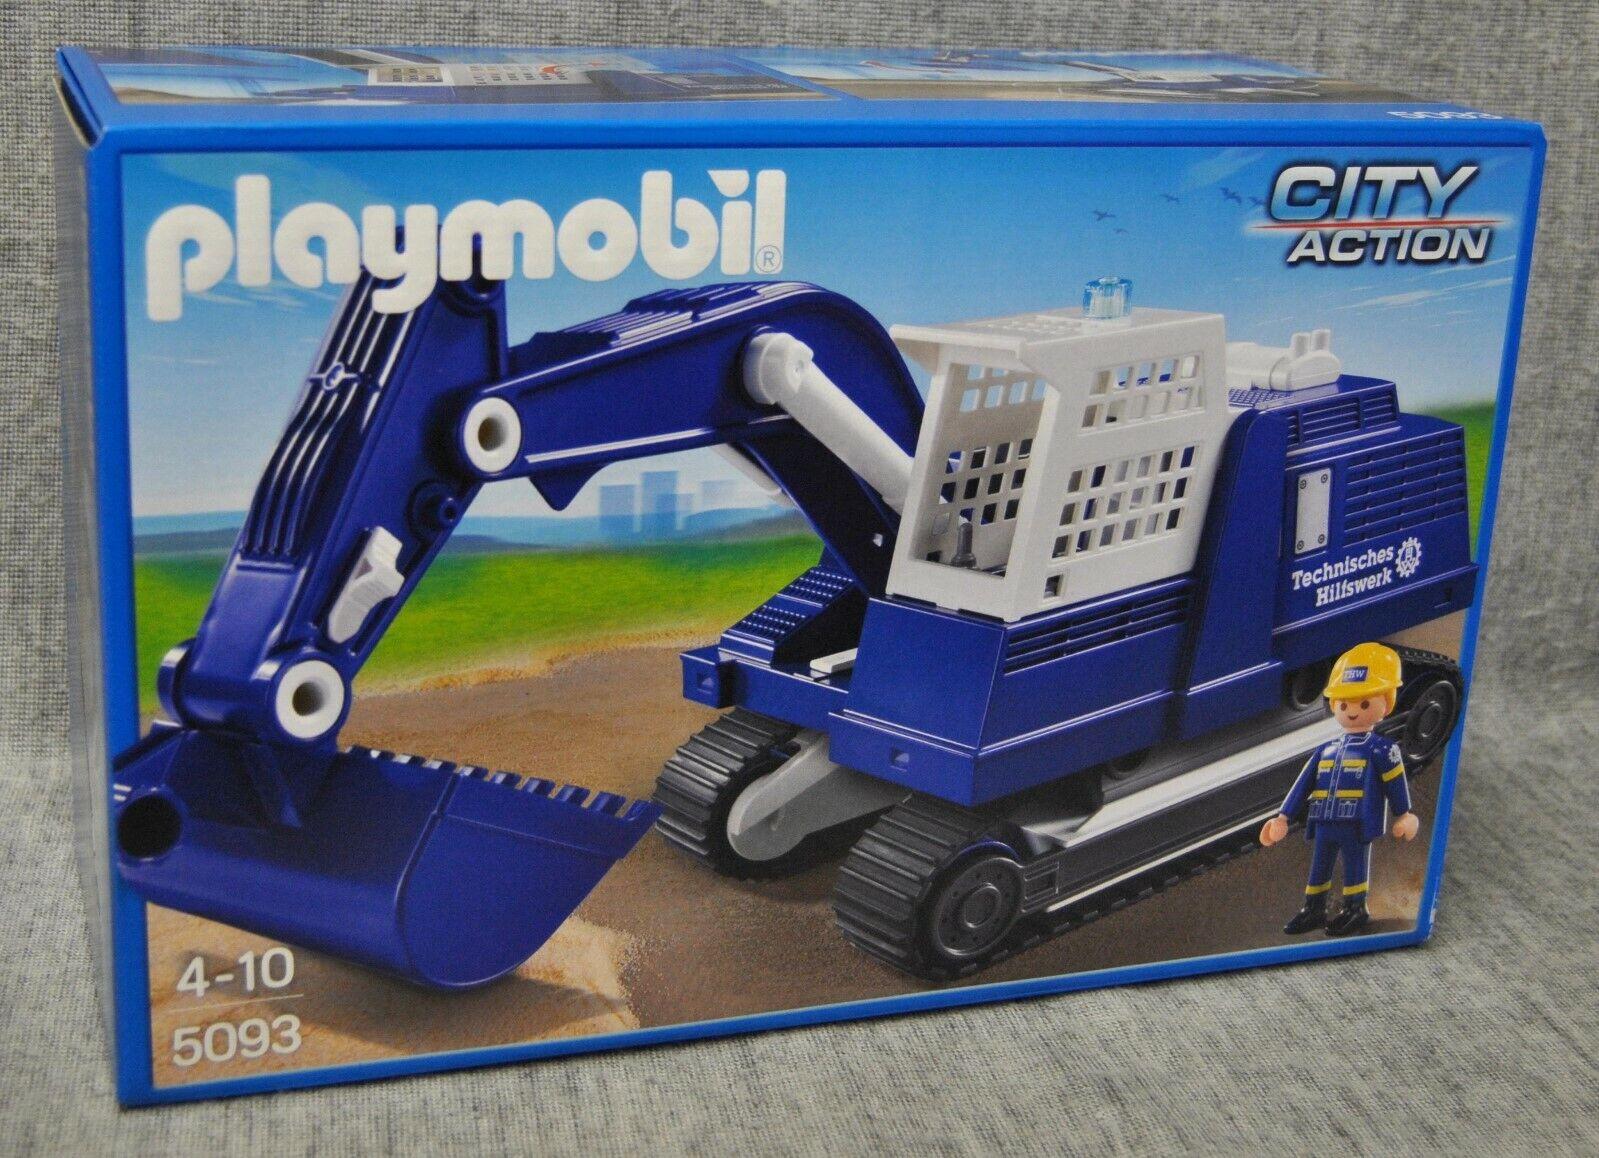 Playmobil 5093  THW Excavateurs Chaînes Excavateurs construction versés city action NEUF  prix bas tous les jours